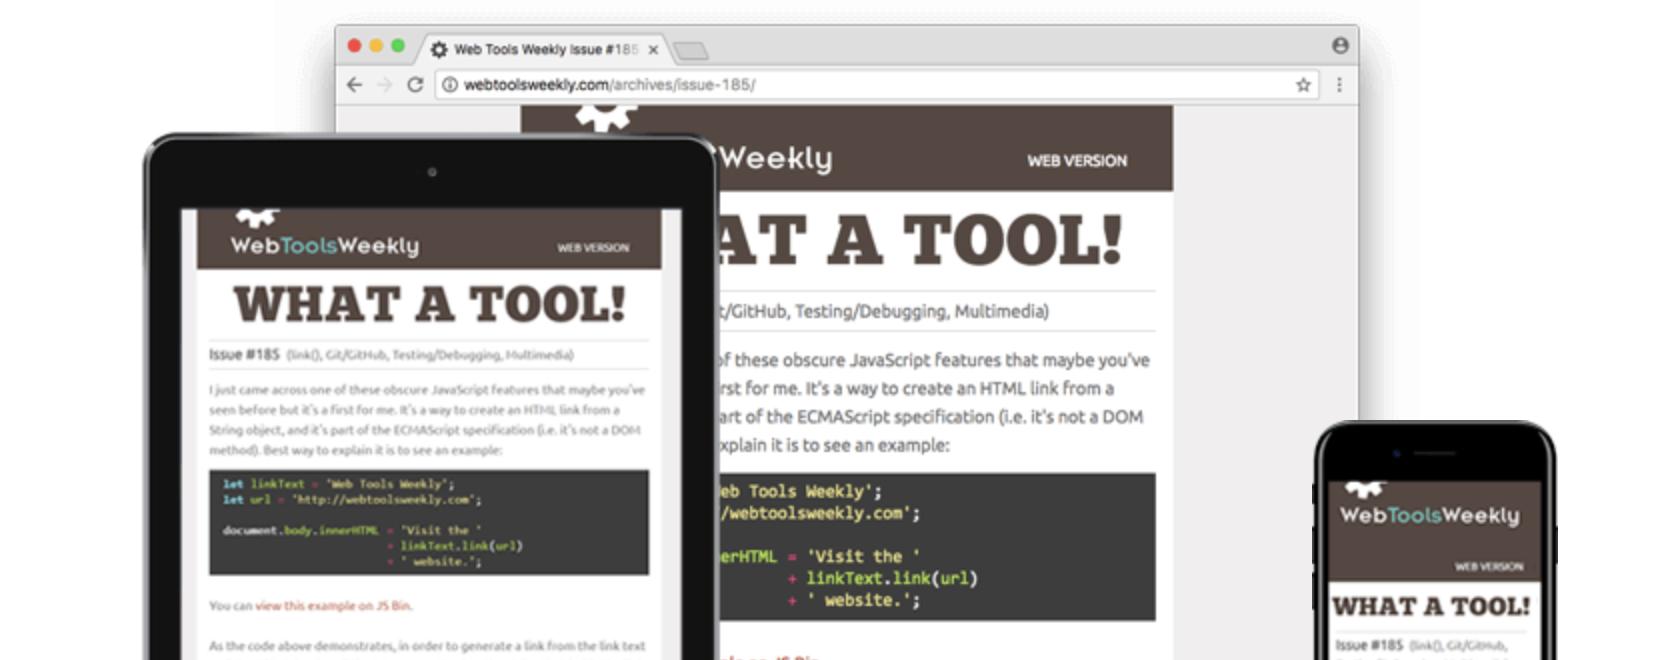 Web Tool Weekly